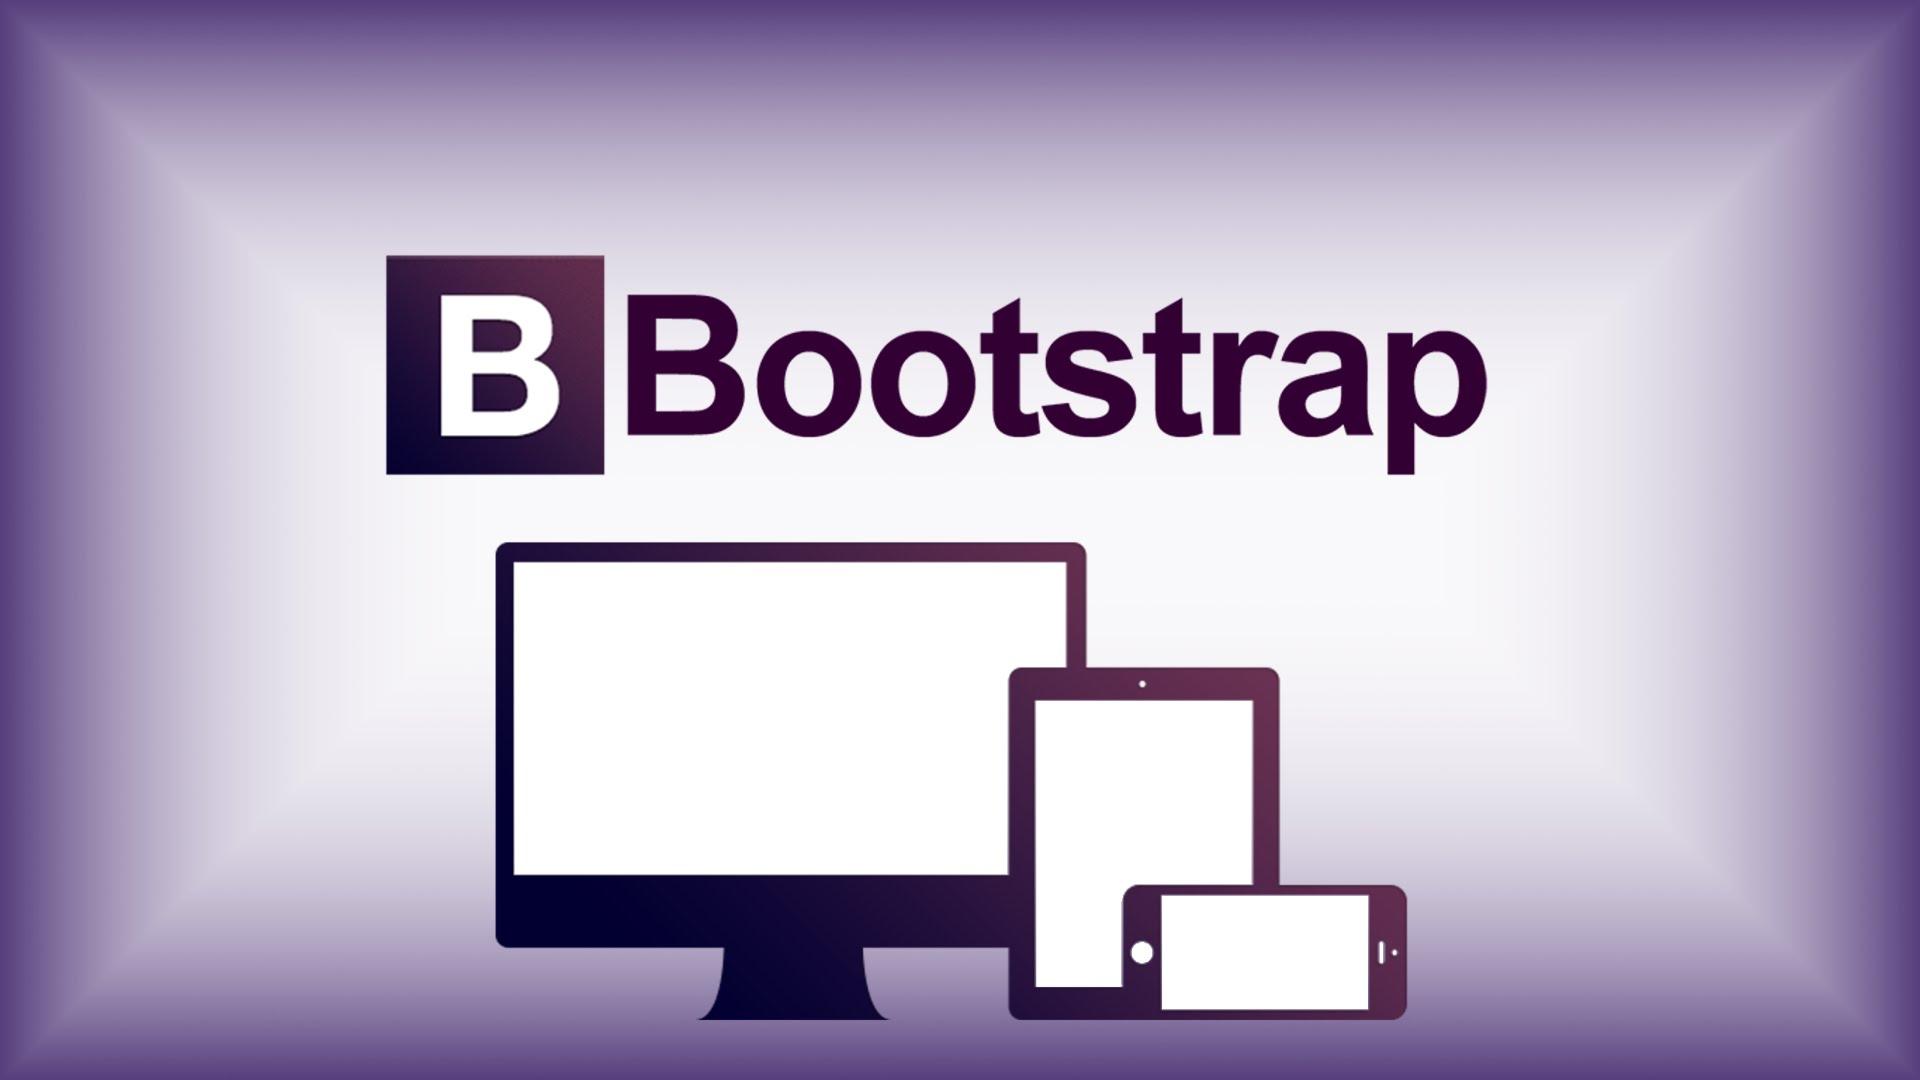 apprendre bootstrap cr er un cv en ligne responsive. Black Bedroom Furniture Sets. Home Design Ideas